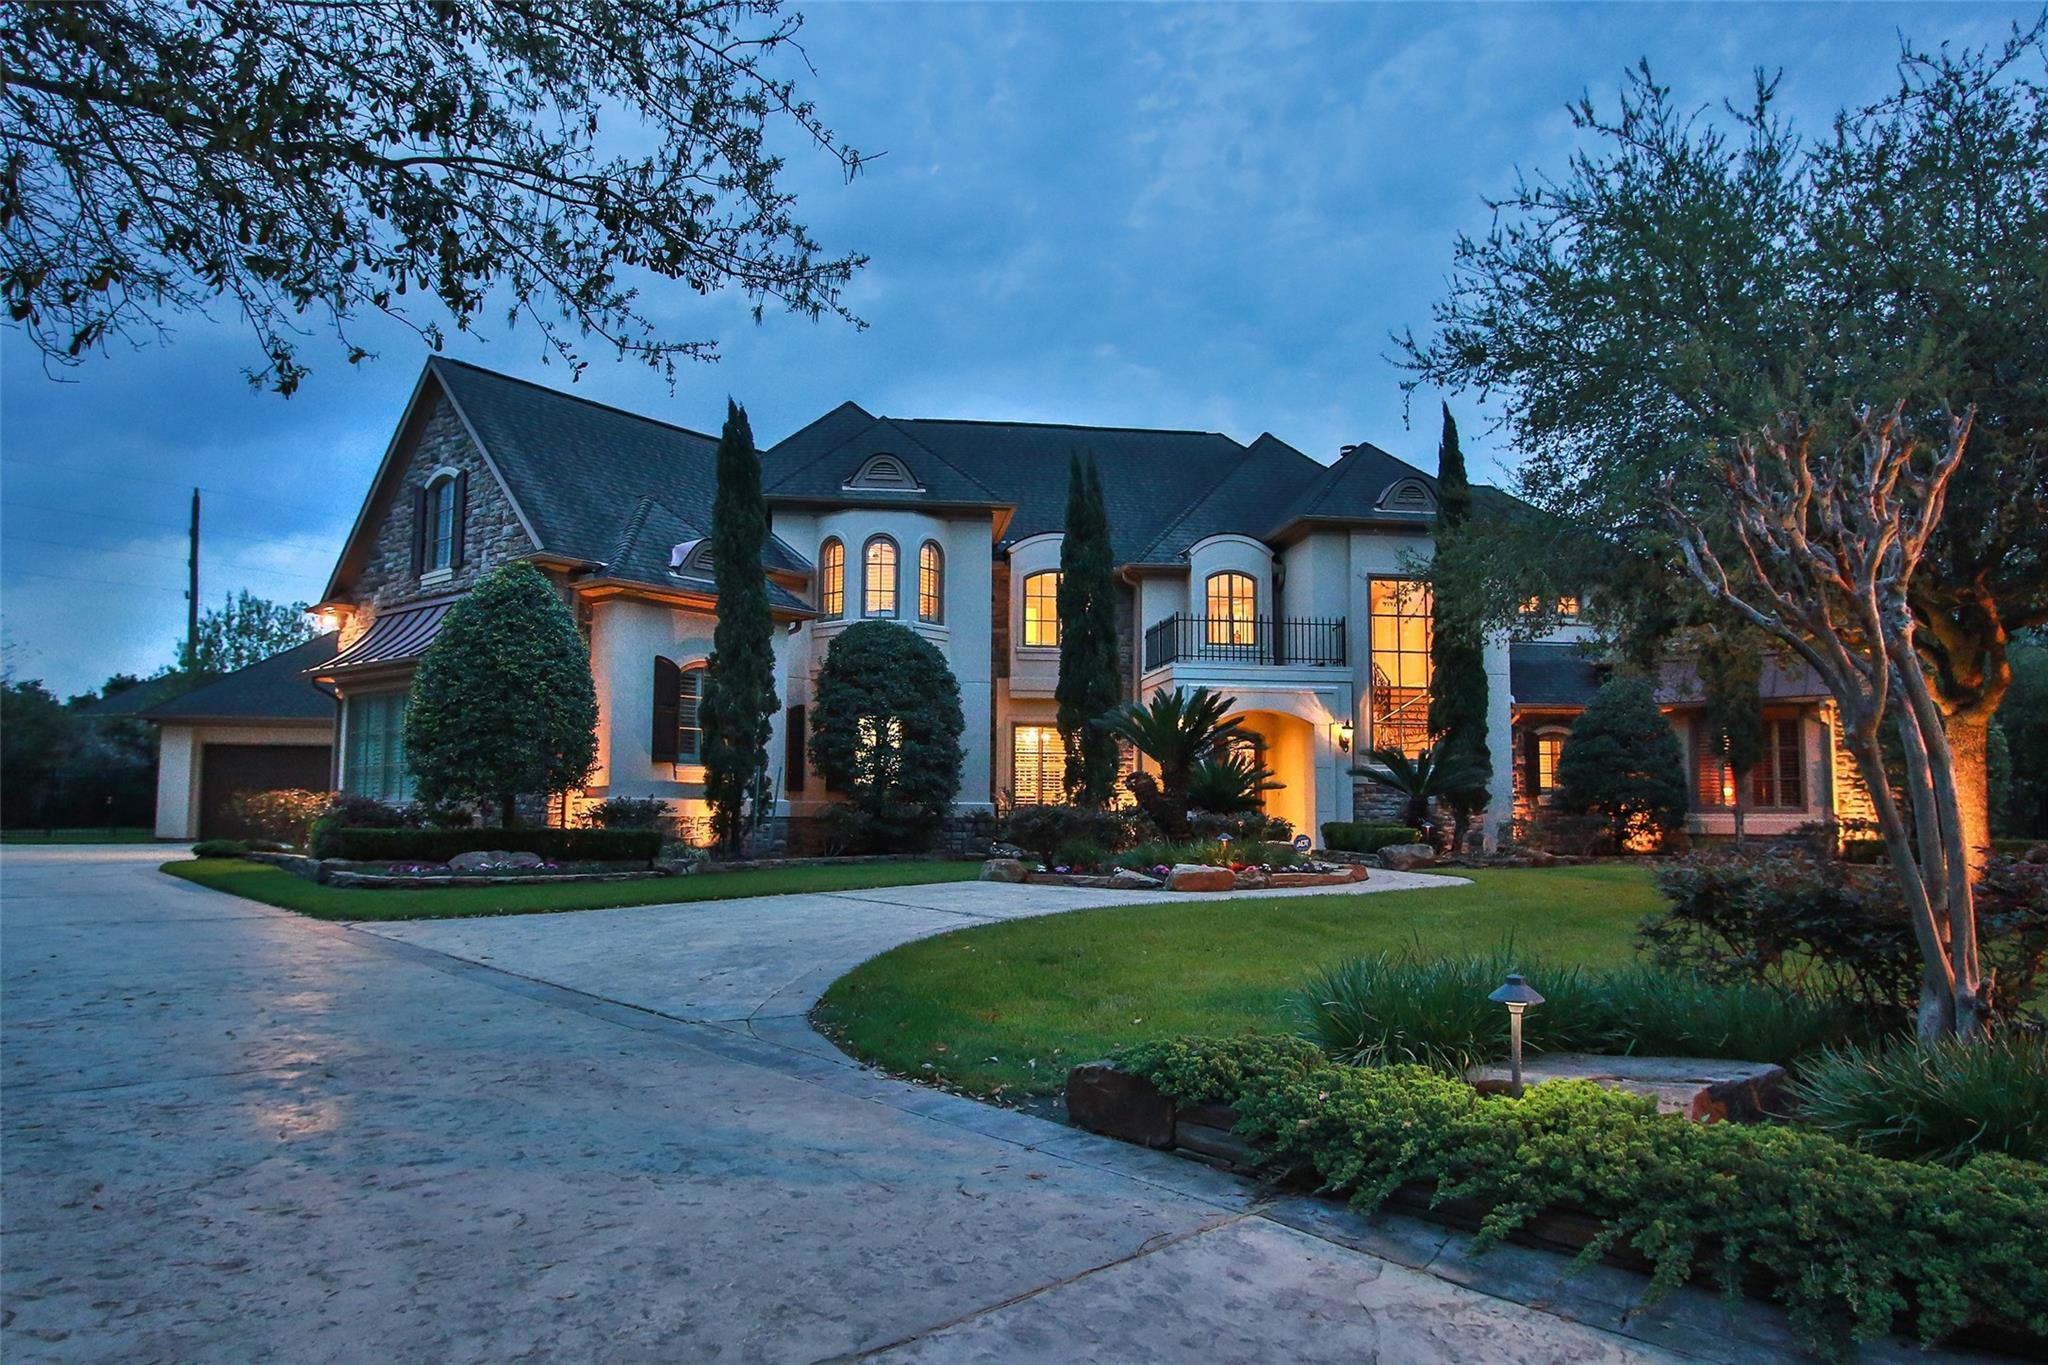 25302 Willow Peak Lane Property Photo - Katy, TX real estate listing